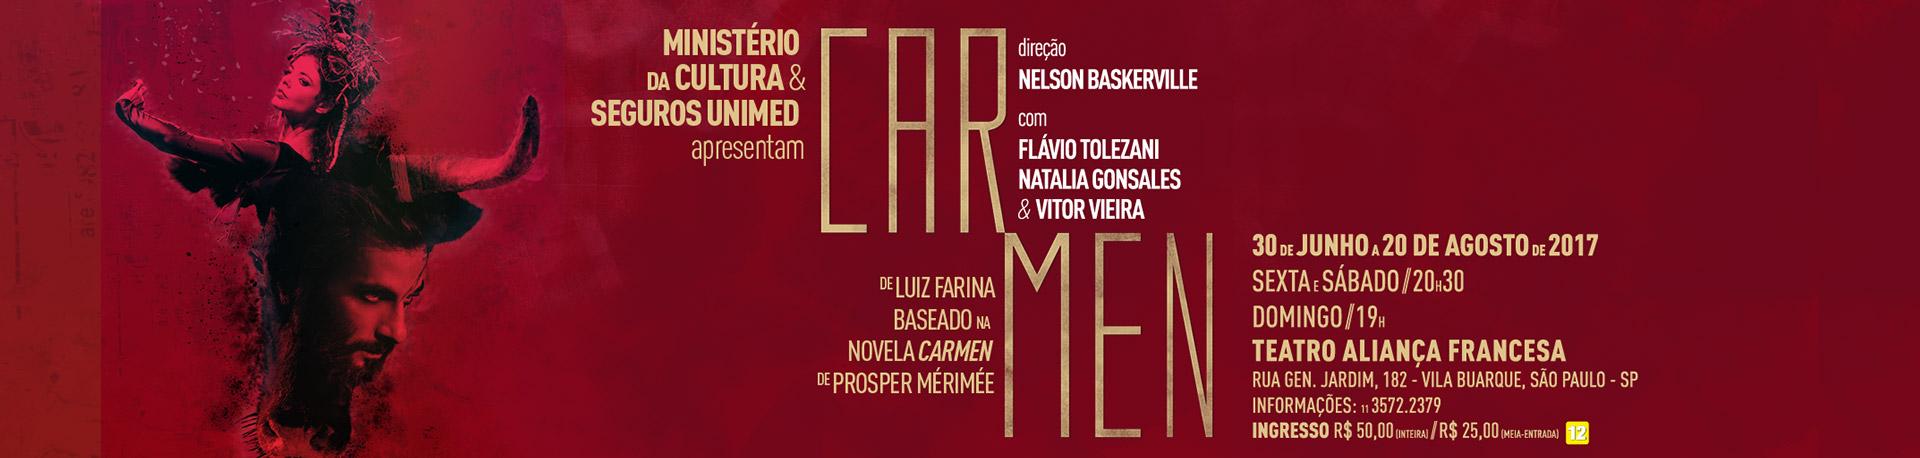 banner-teatro-carmen